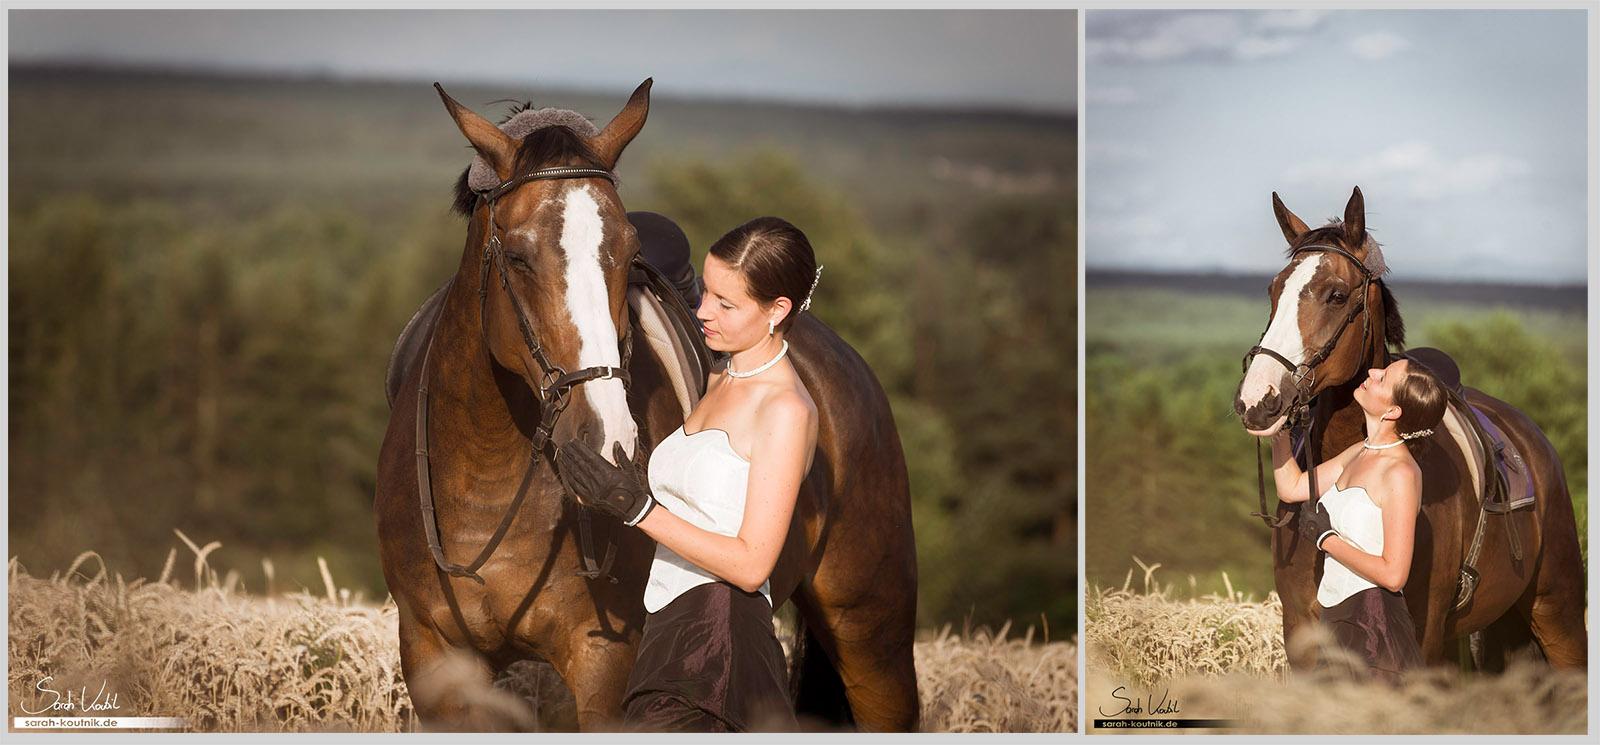 Warmblutstute Paula mit Besitzerin Johanna im Hochzeitskleid gemeinsam im Abendlicht im Weizenfeld - Collage aus zwei Fotos | Pferdefotografie München